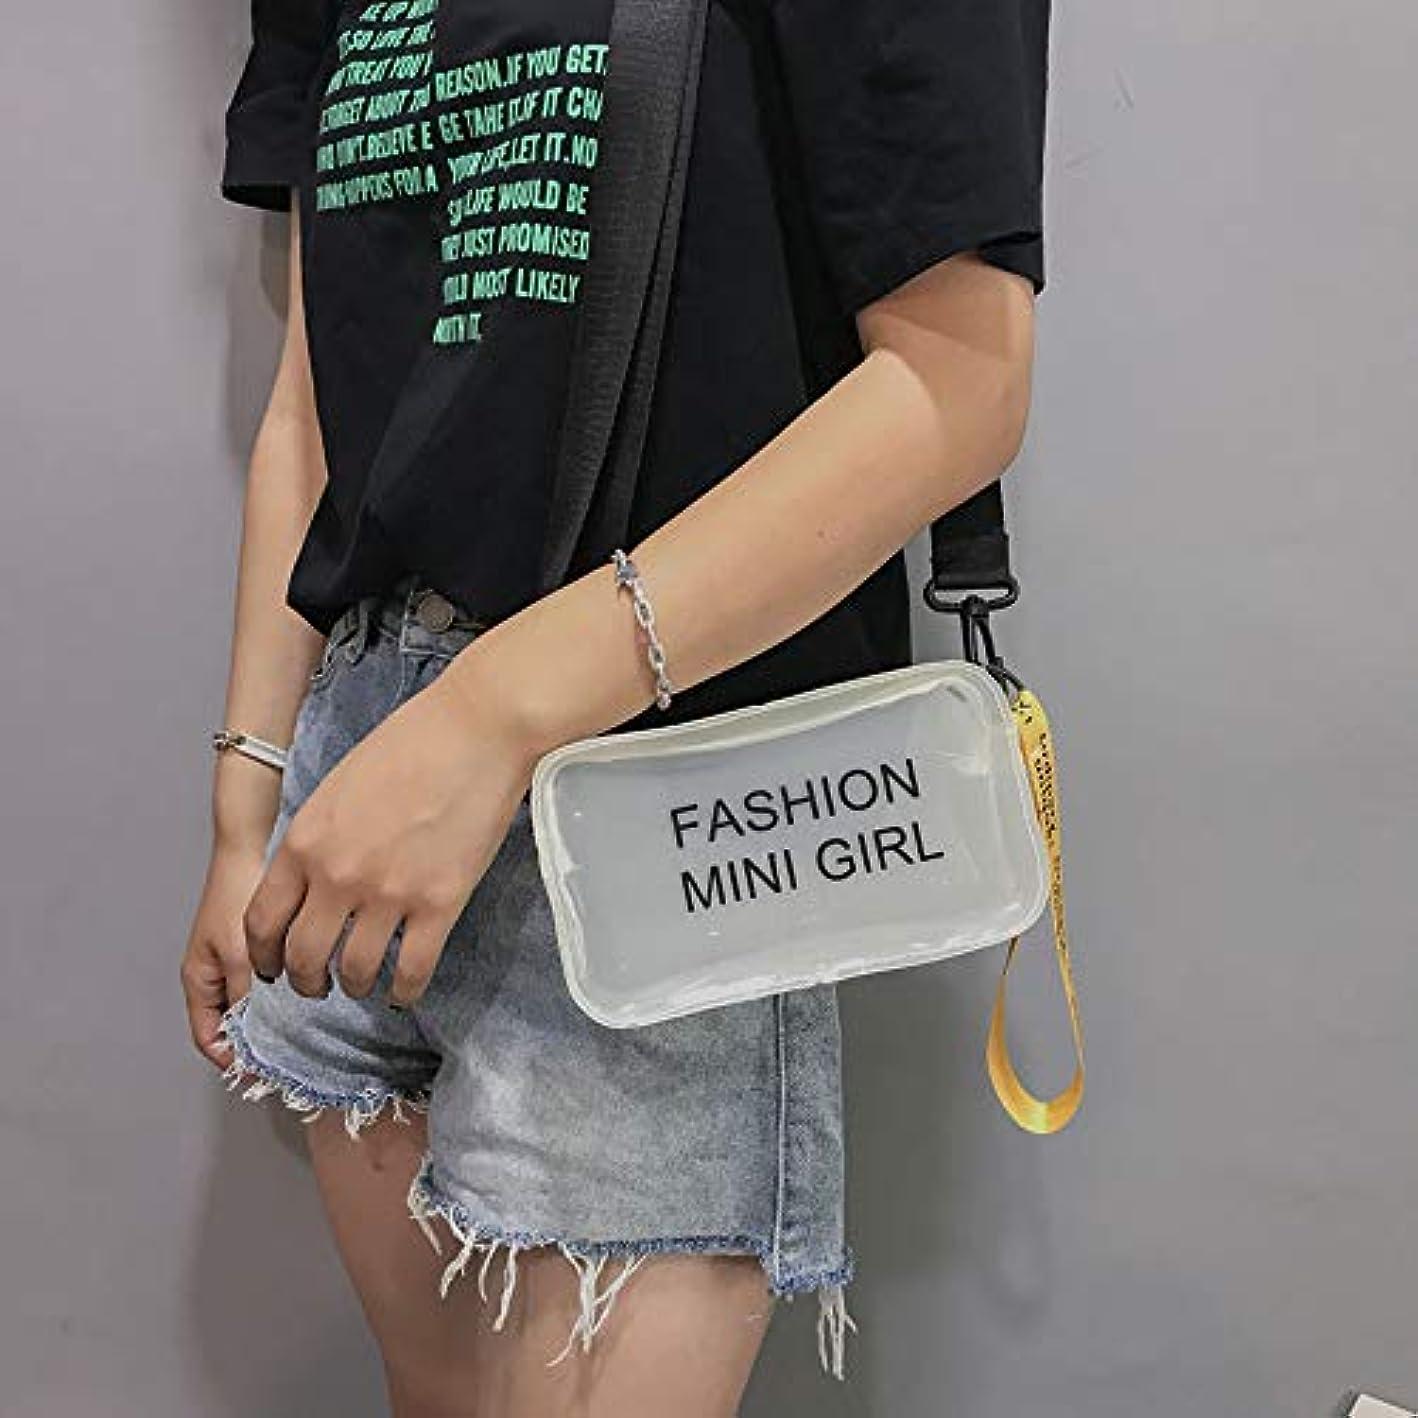 おそらく強います息切れ女性ファッションゼリー手紙ストリートシンプルデザインショルダーバッグメッセンジャーバッグ、ゼリー手紙メッセンジャーバッグハンドバッグ携帯電話バッグ、ファッション汎用メッセンジャーバッグショルダーバッグハンドバッグ (白)